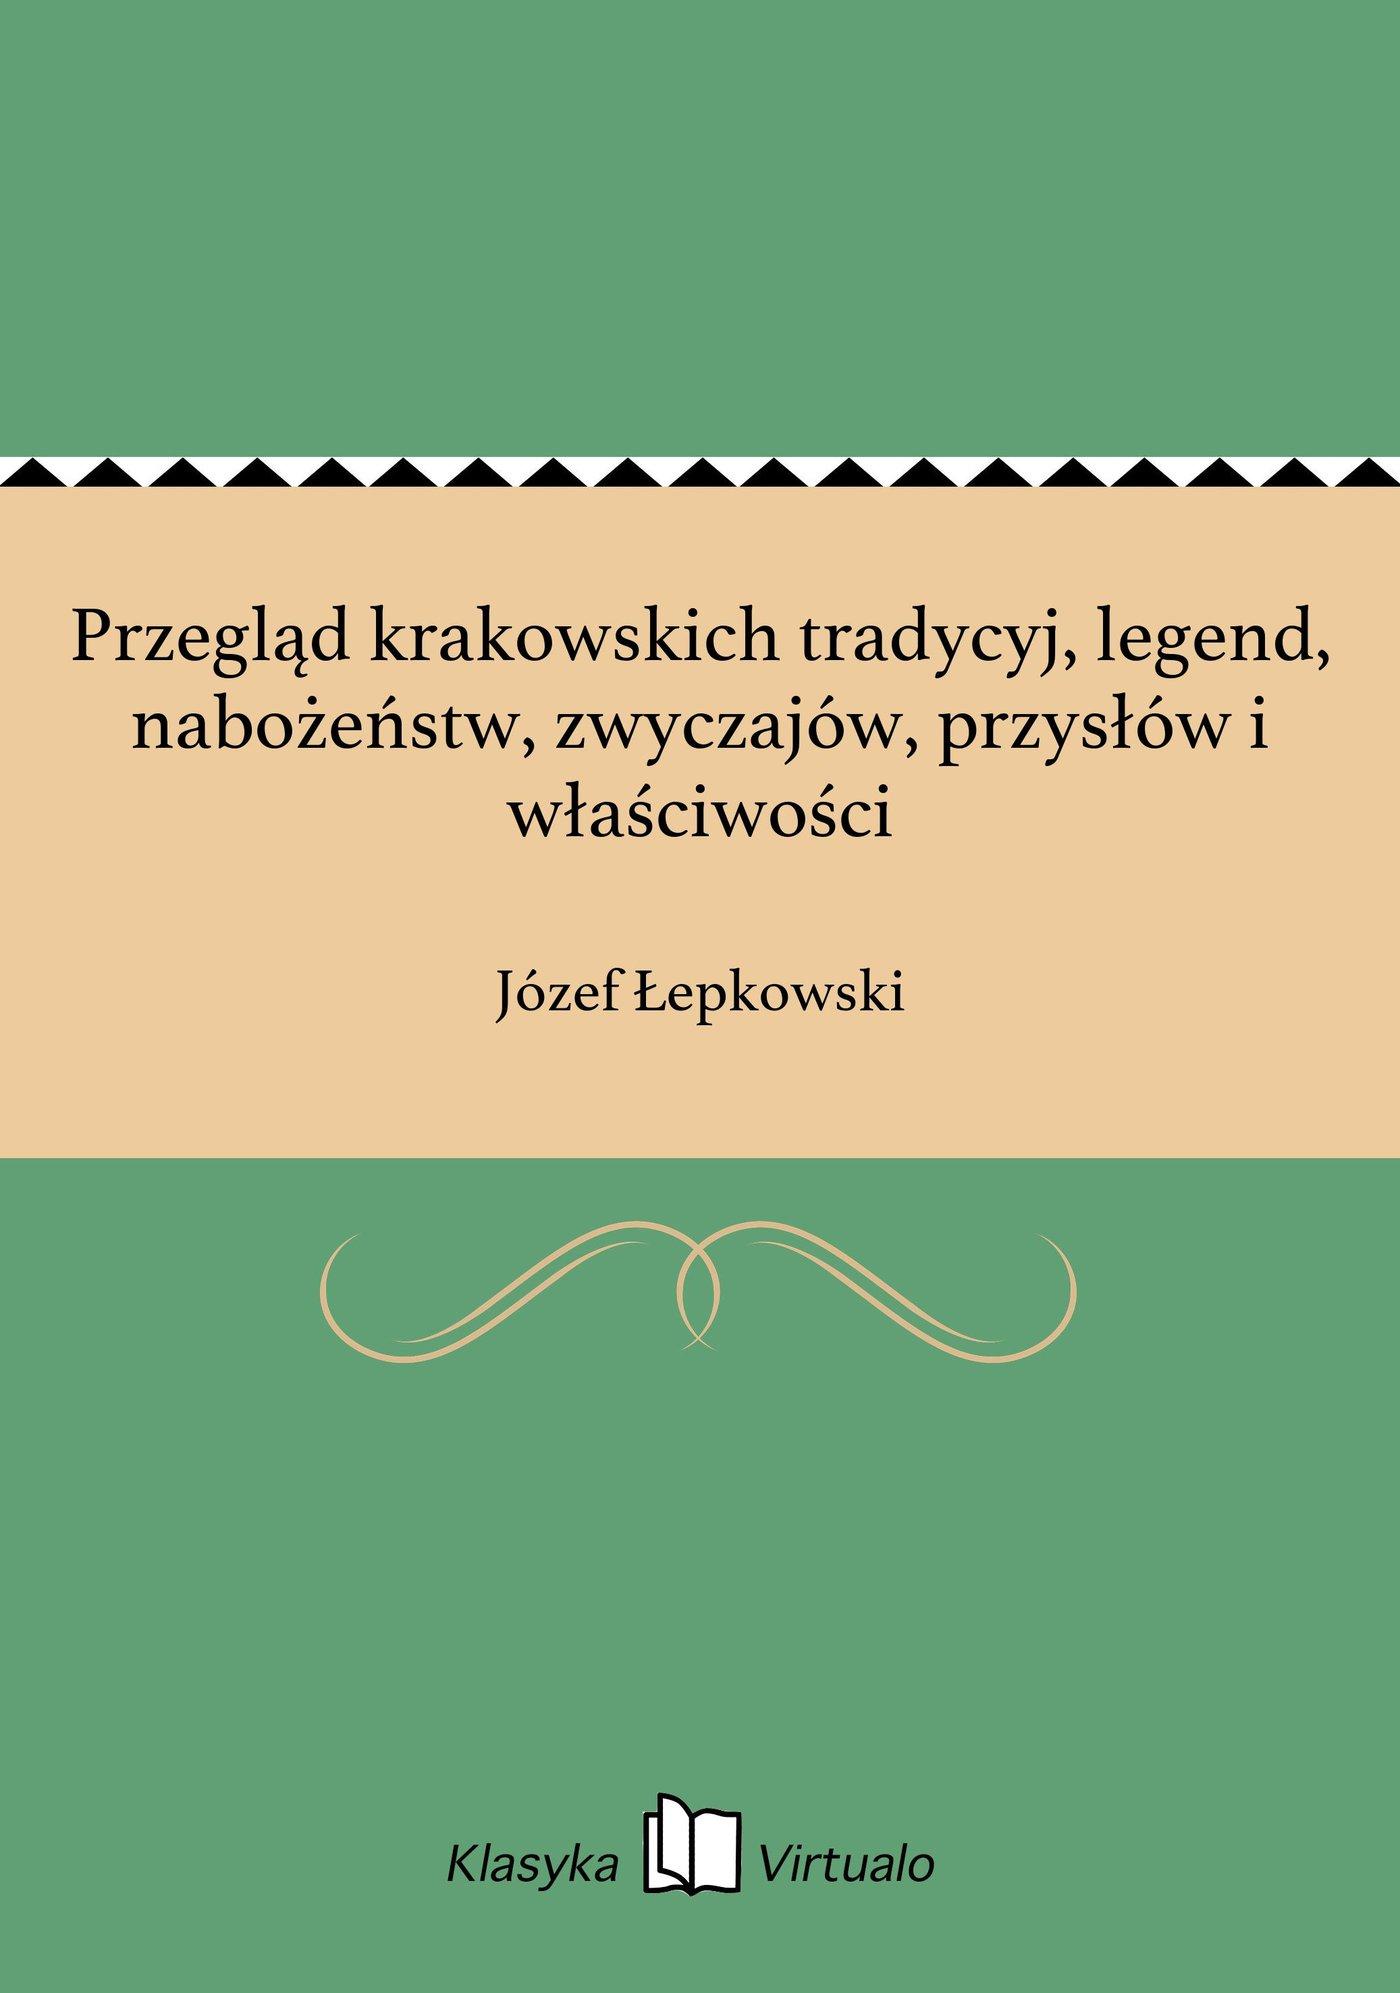 Przegląd krakowskich tradycyj, legend, nabożeństw, zwyczajów, przysłów i właściwości - Ebook (Książka na Kindle) do pobrania w formacie MOBI